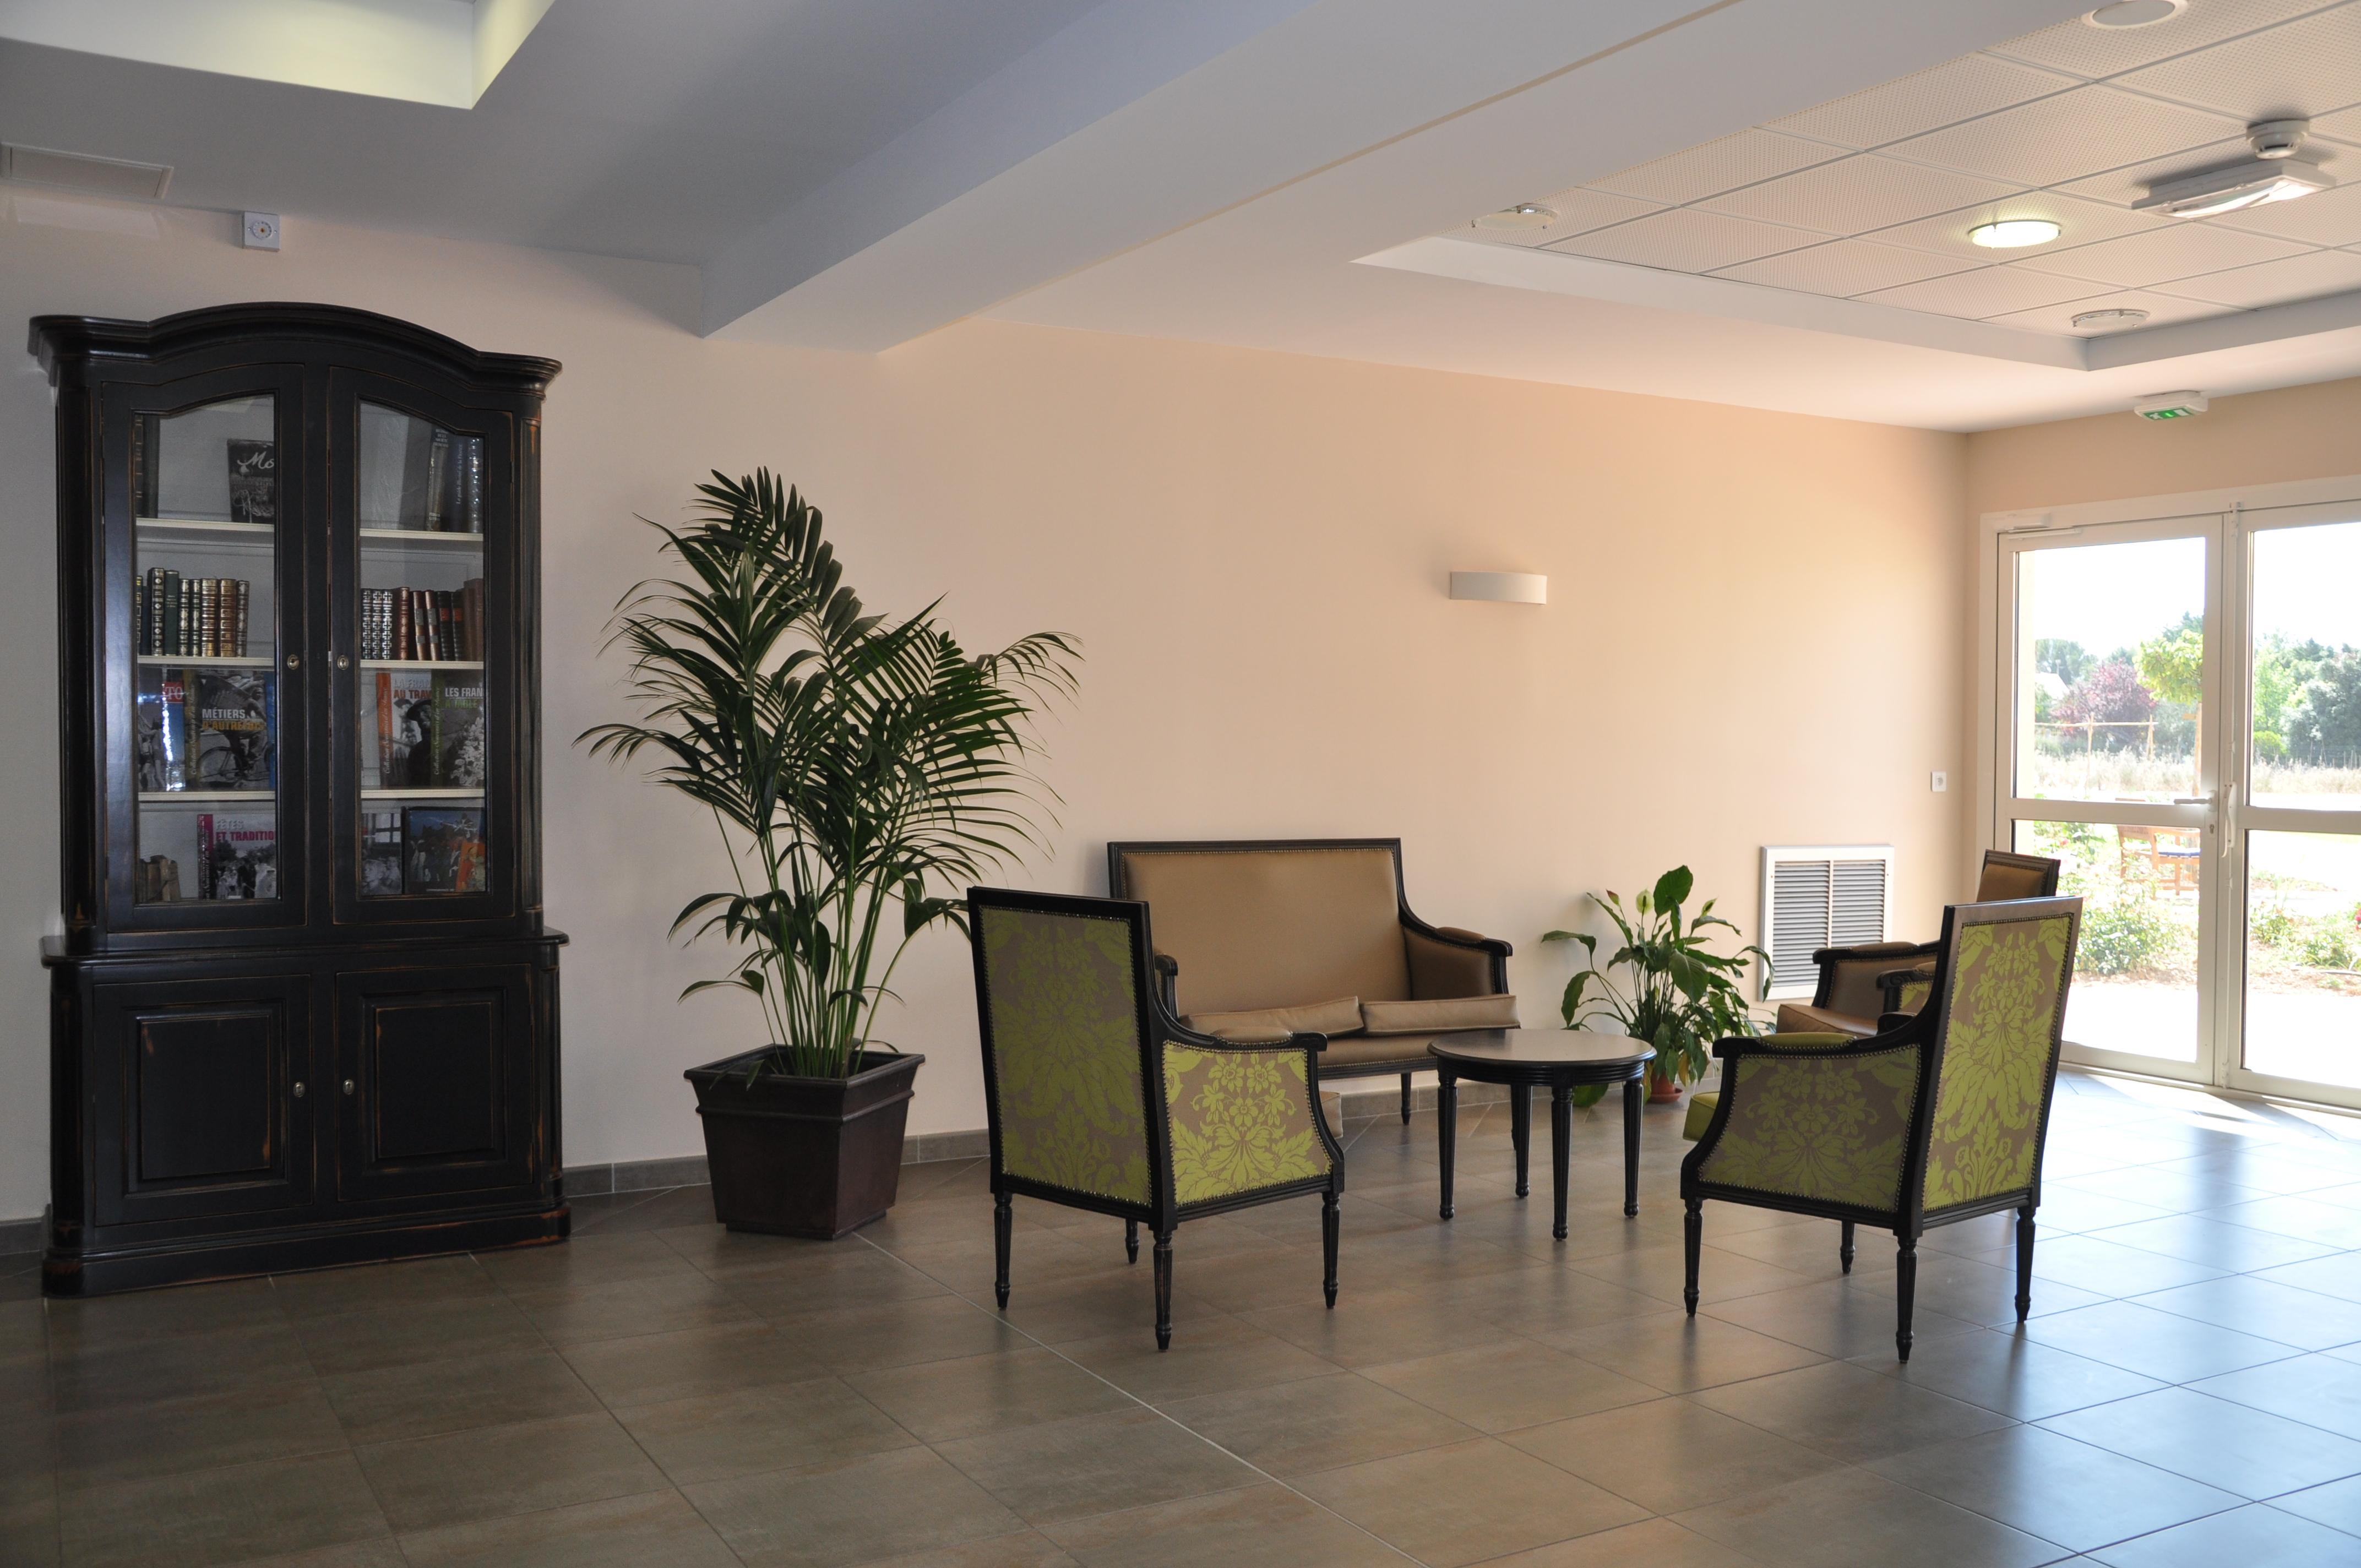 maison de retraite pr s de lattes occitane r sidence. Black Bedroom Furniture Sets. Home Design Ideas